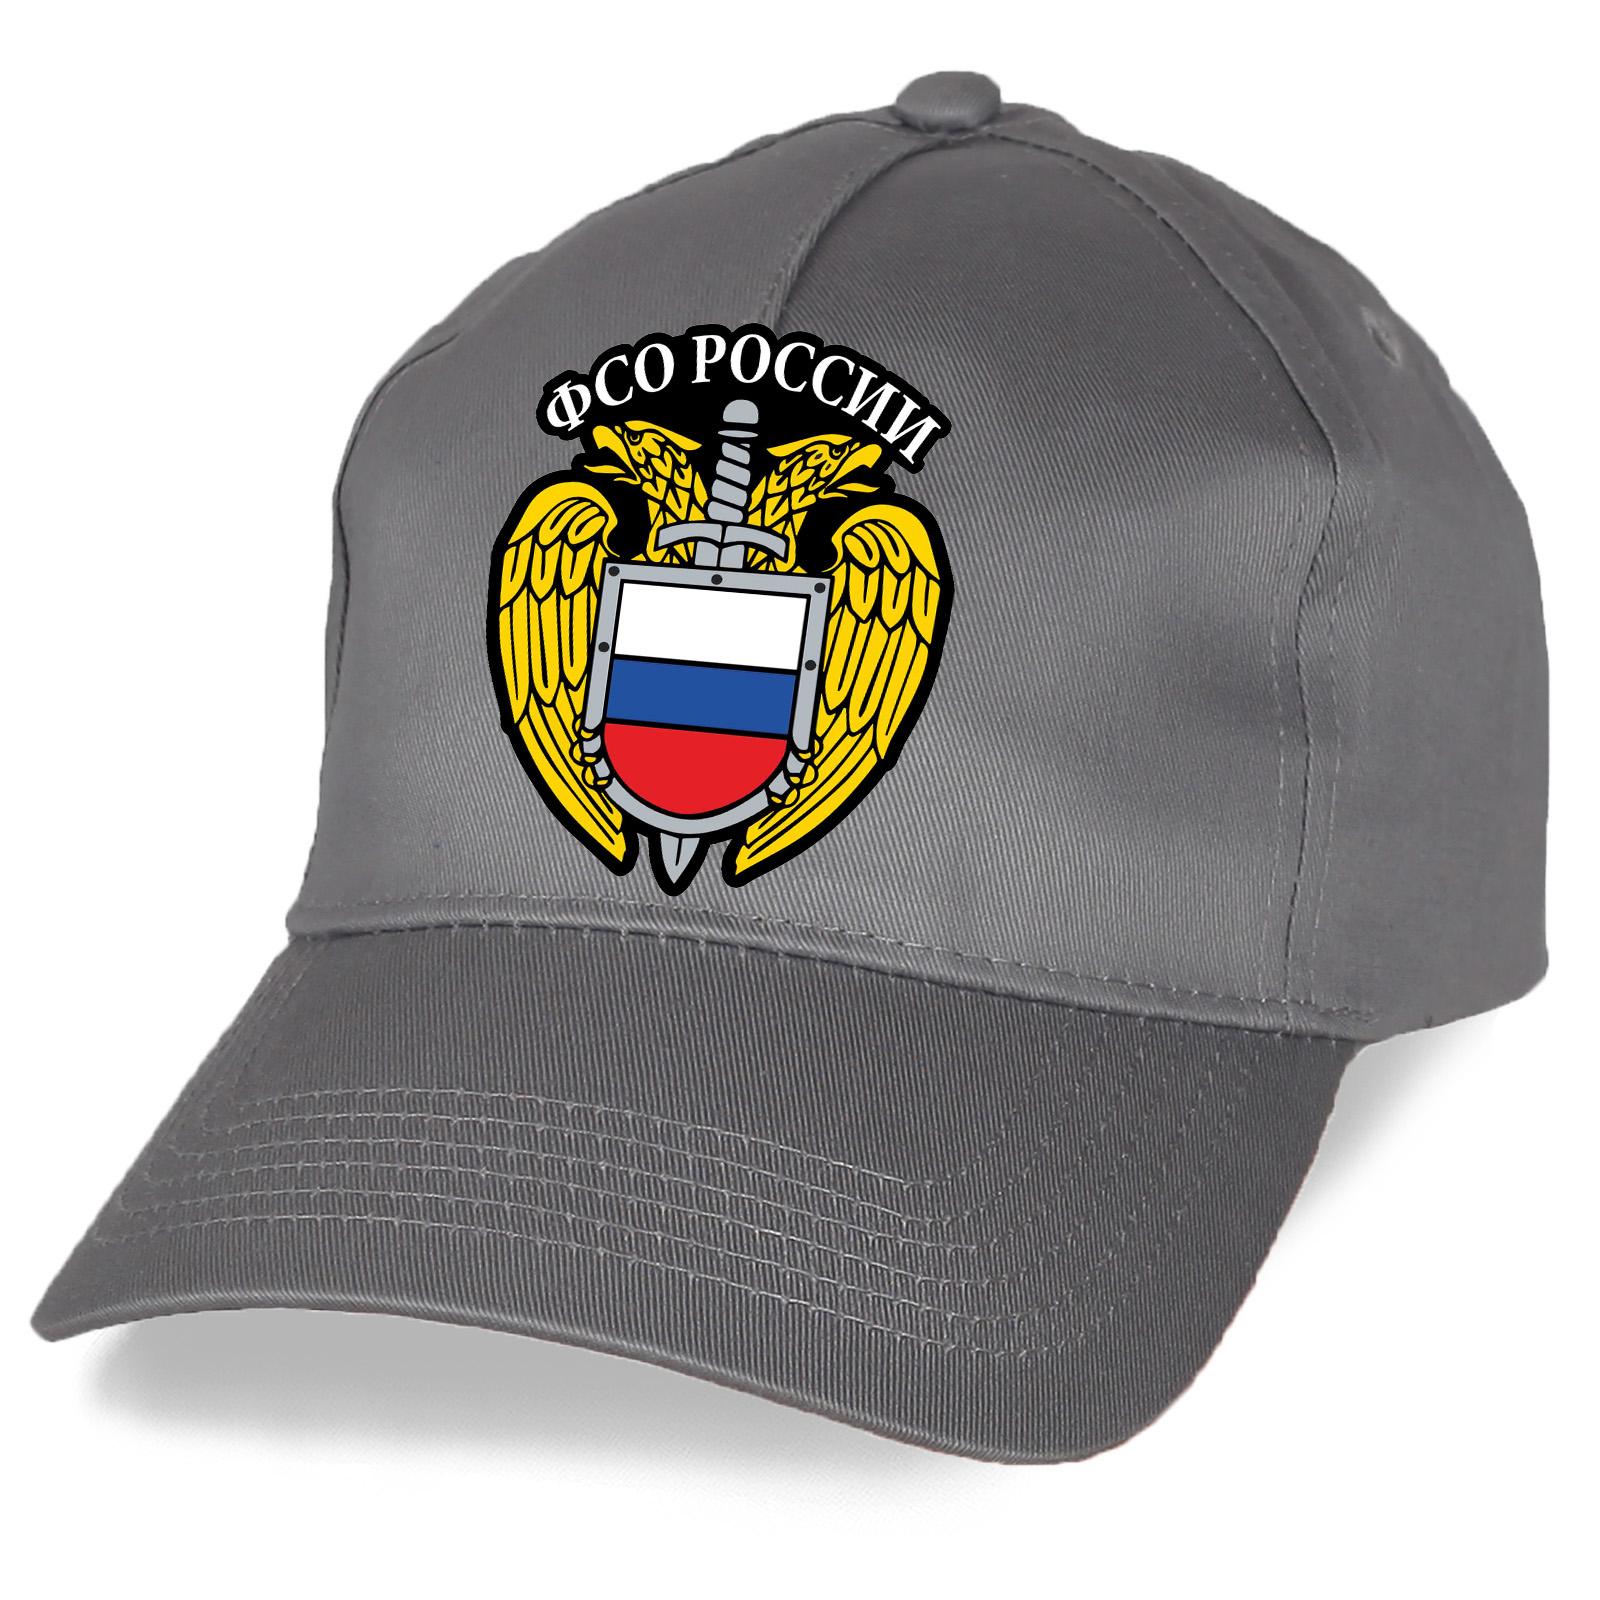 Строгая серая бейсболка с эмблемой ФСО России.